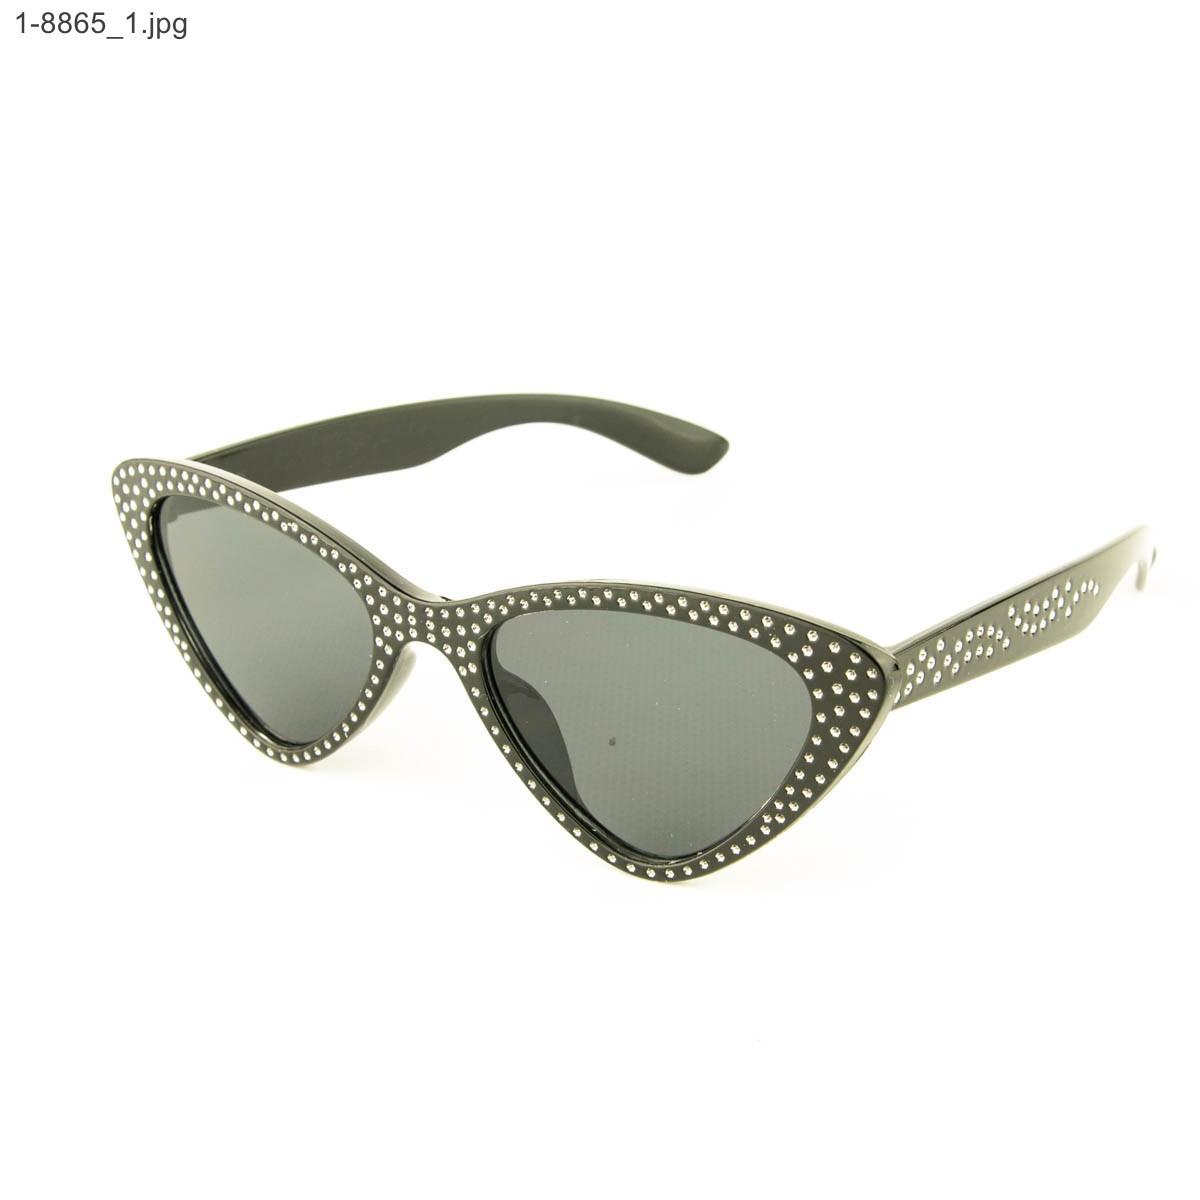 Оптом модные очки кошачий глаз - Черные со стразами (имитация) - 1-8865